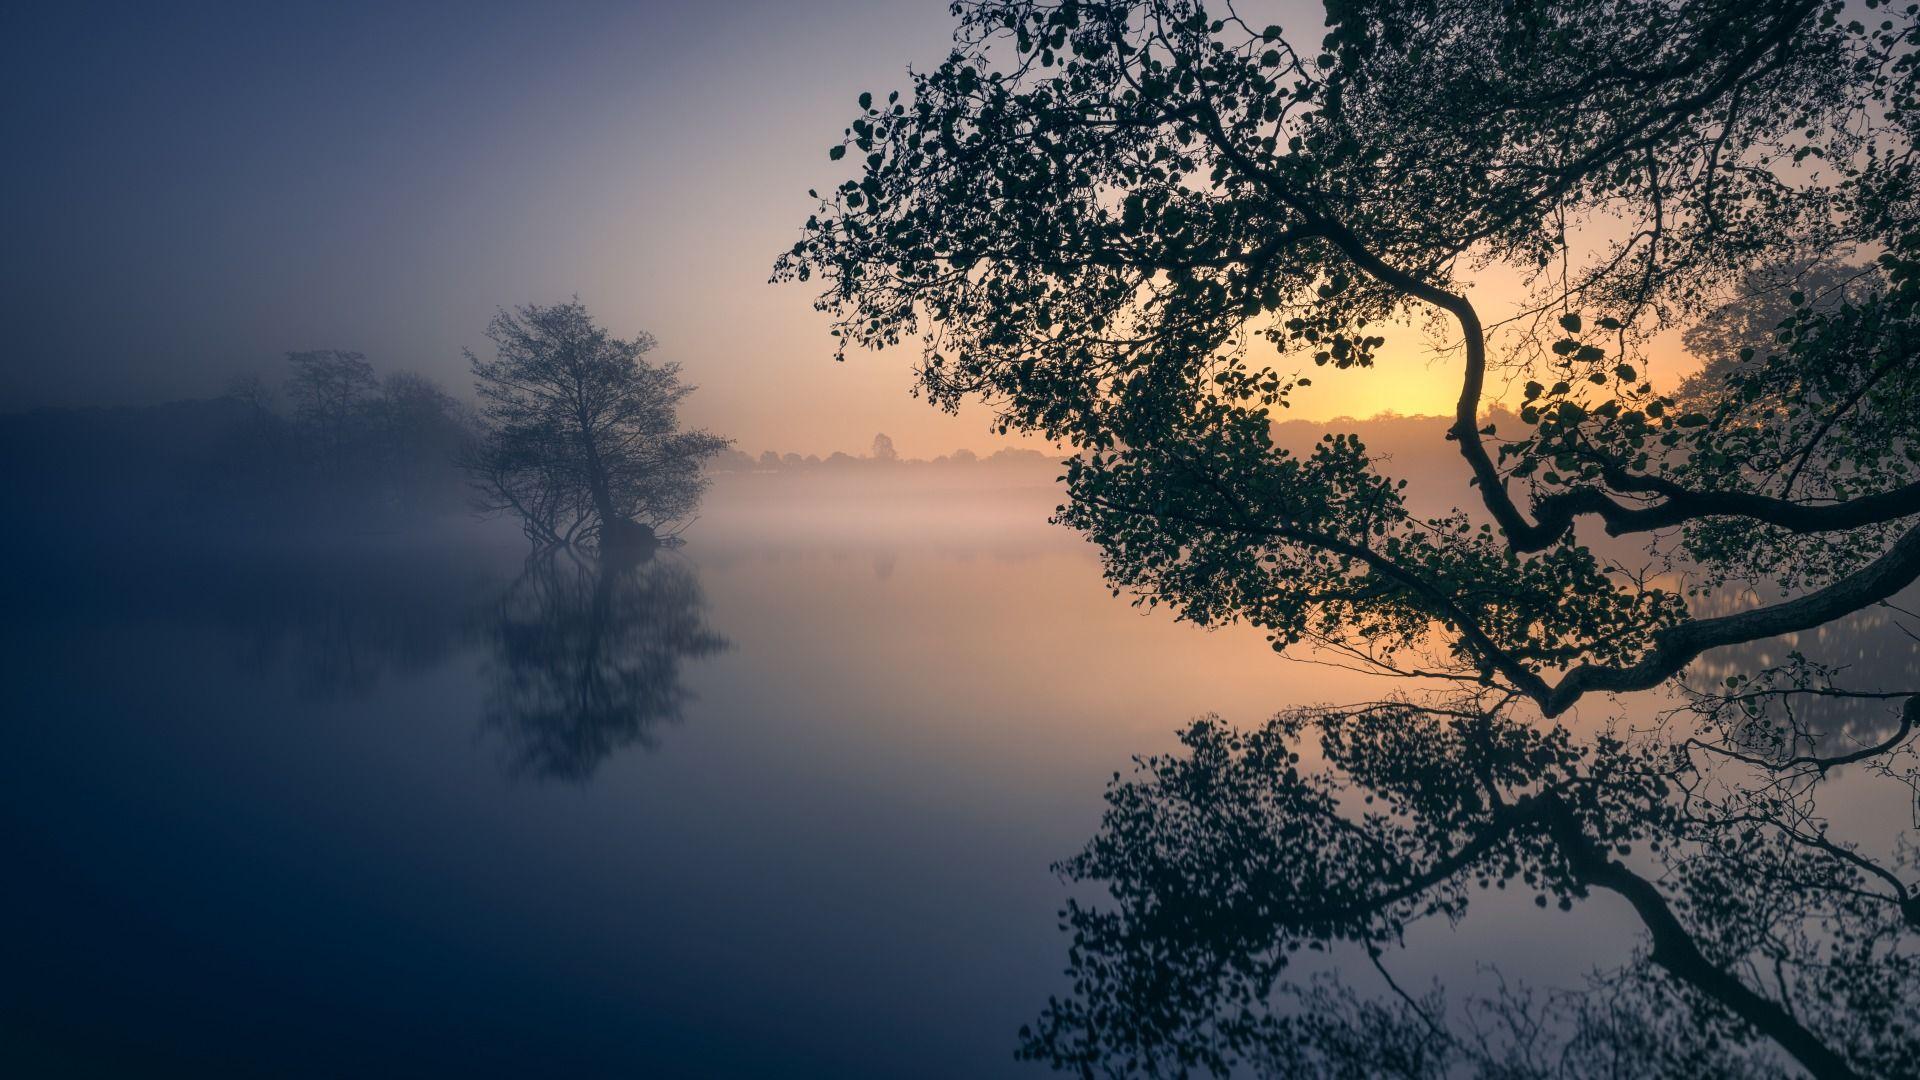 Ảnh thiên nhiên đẹp mặt hồ phẳng lặng